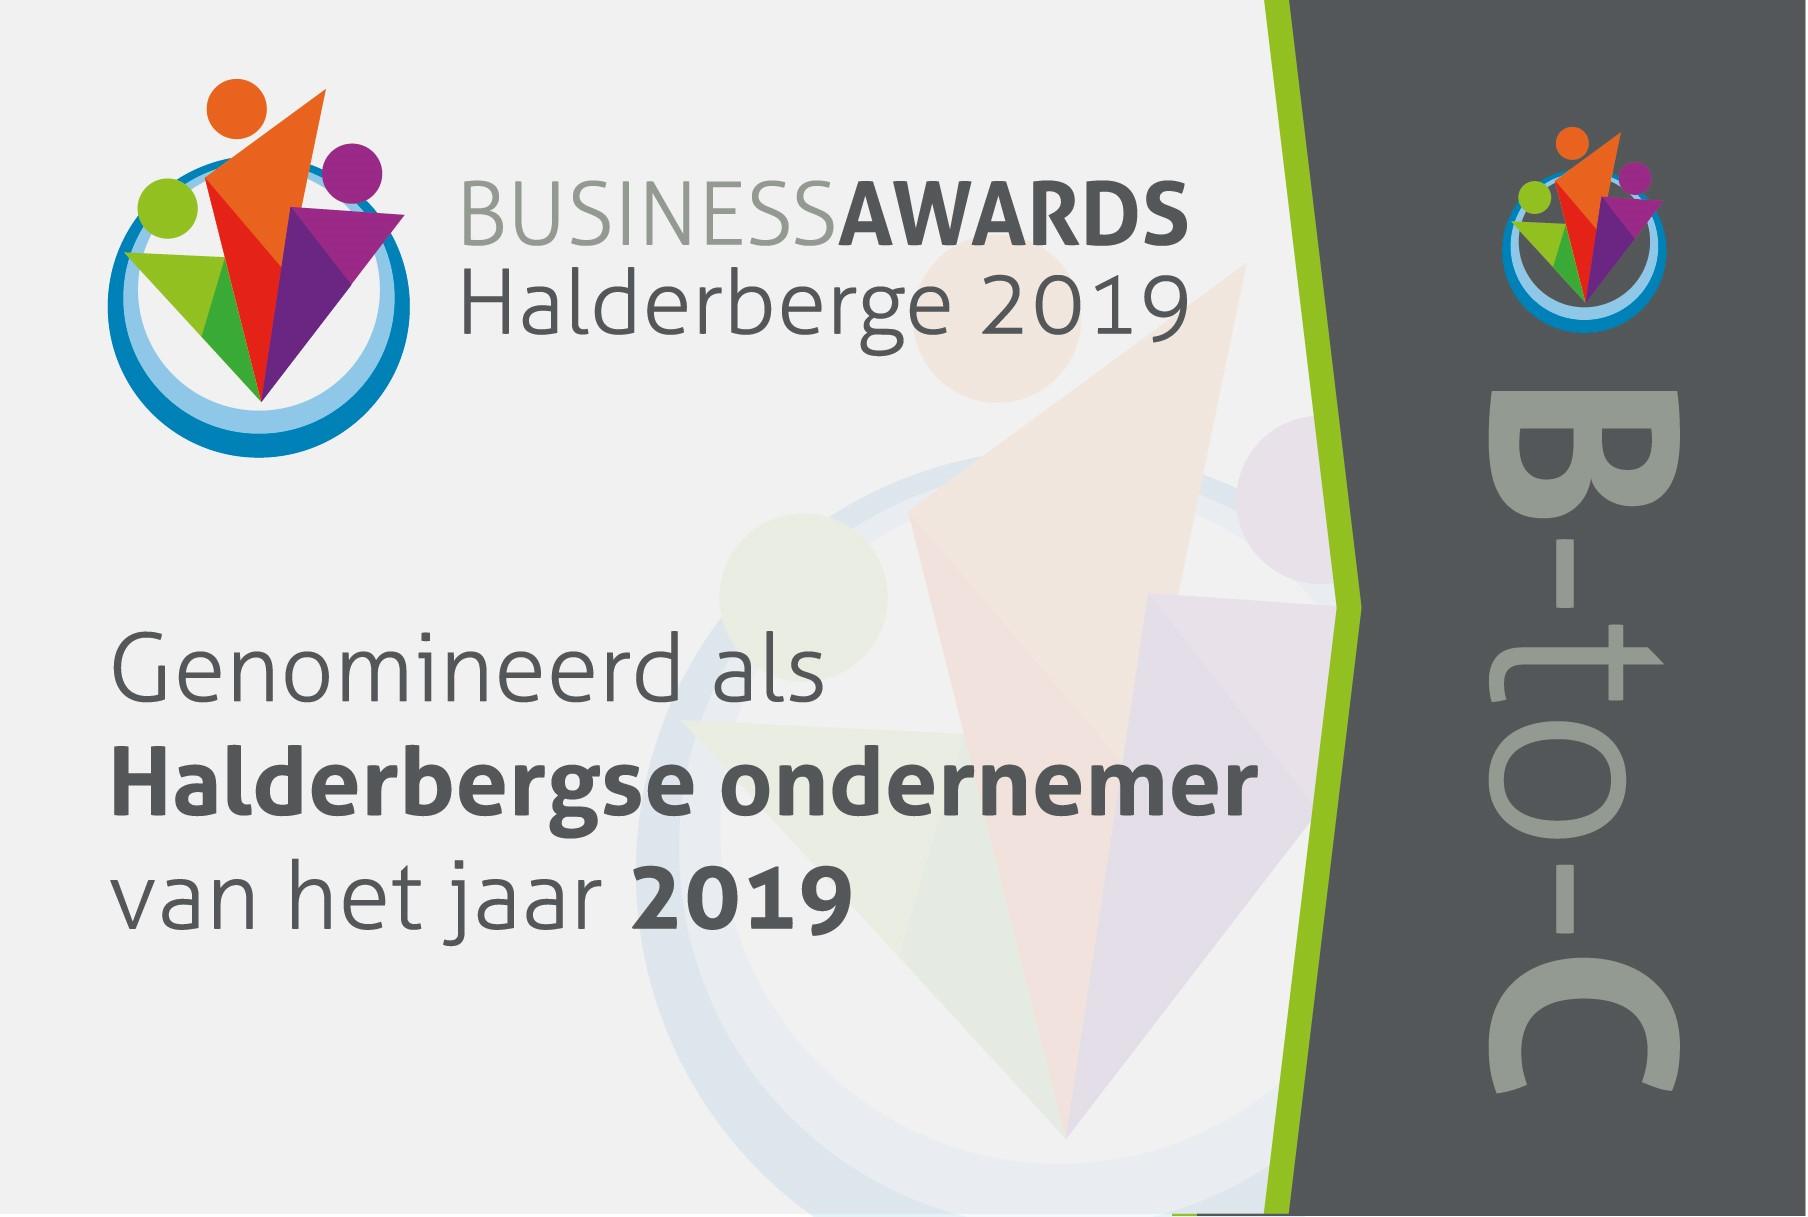 Business Awards Halderberge 2019